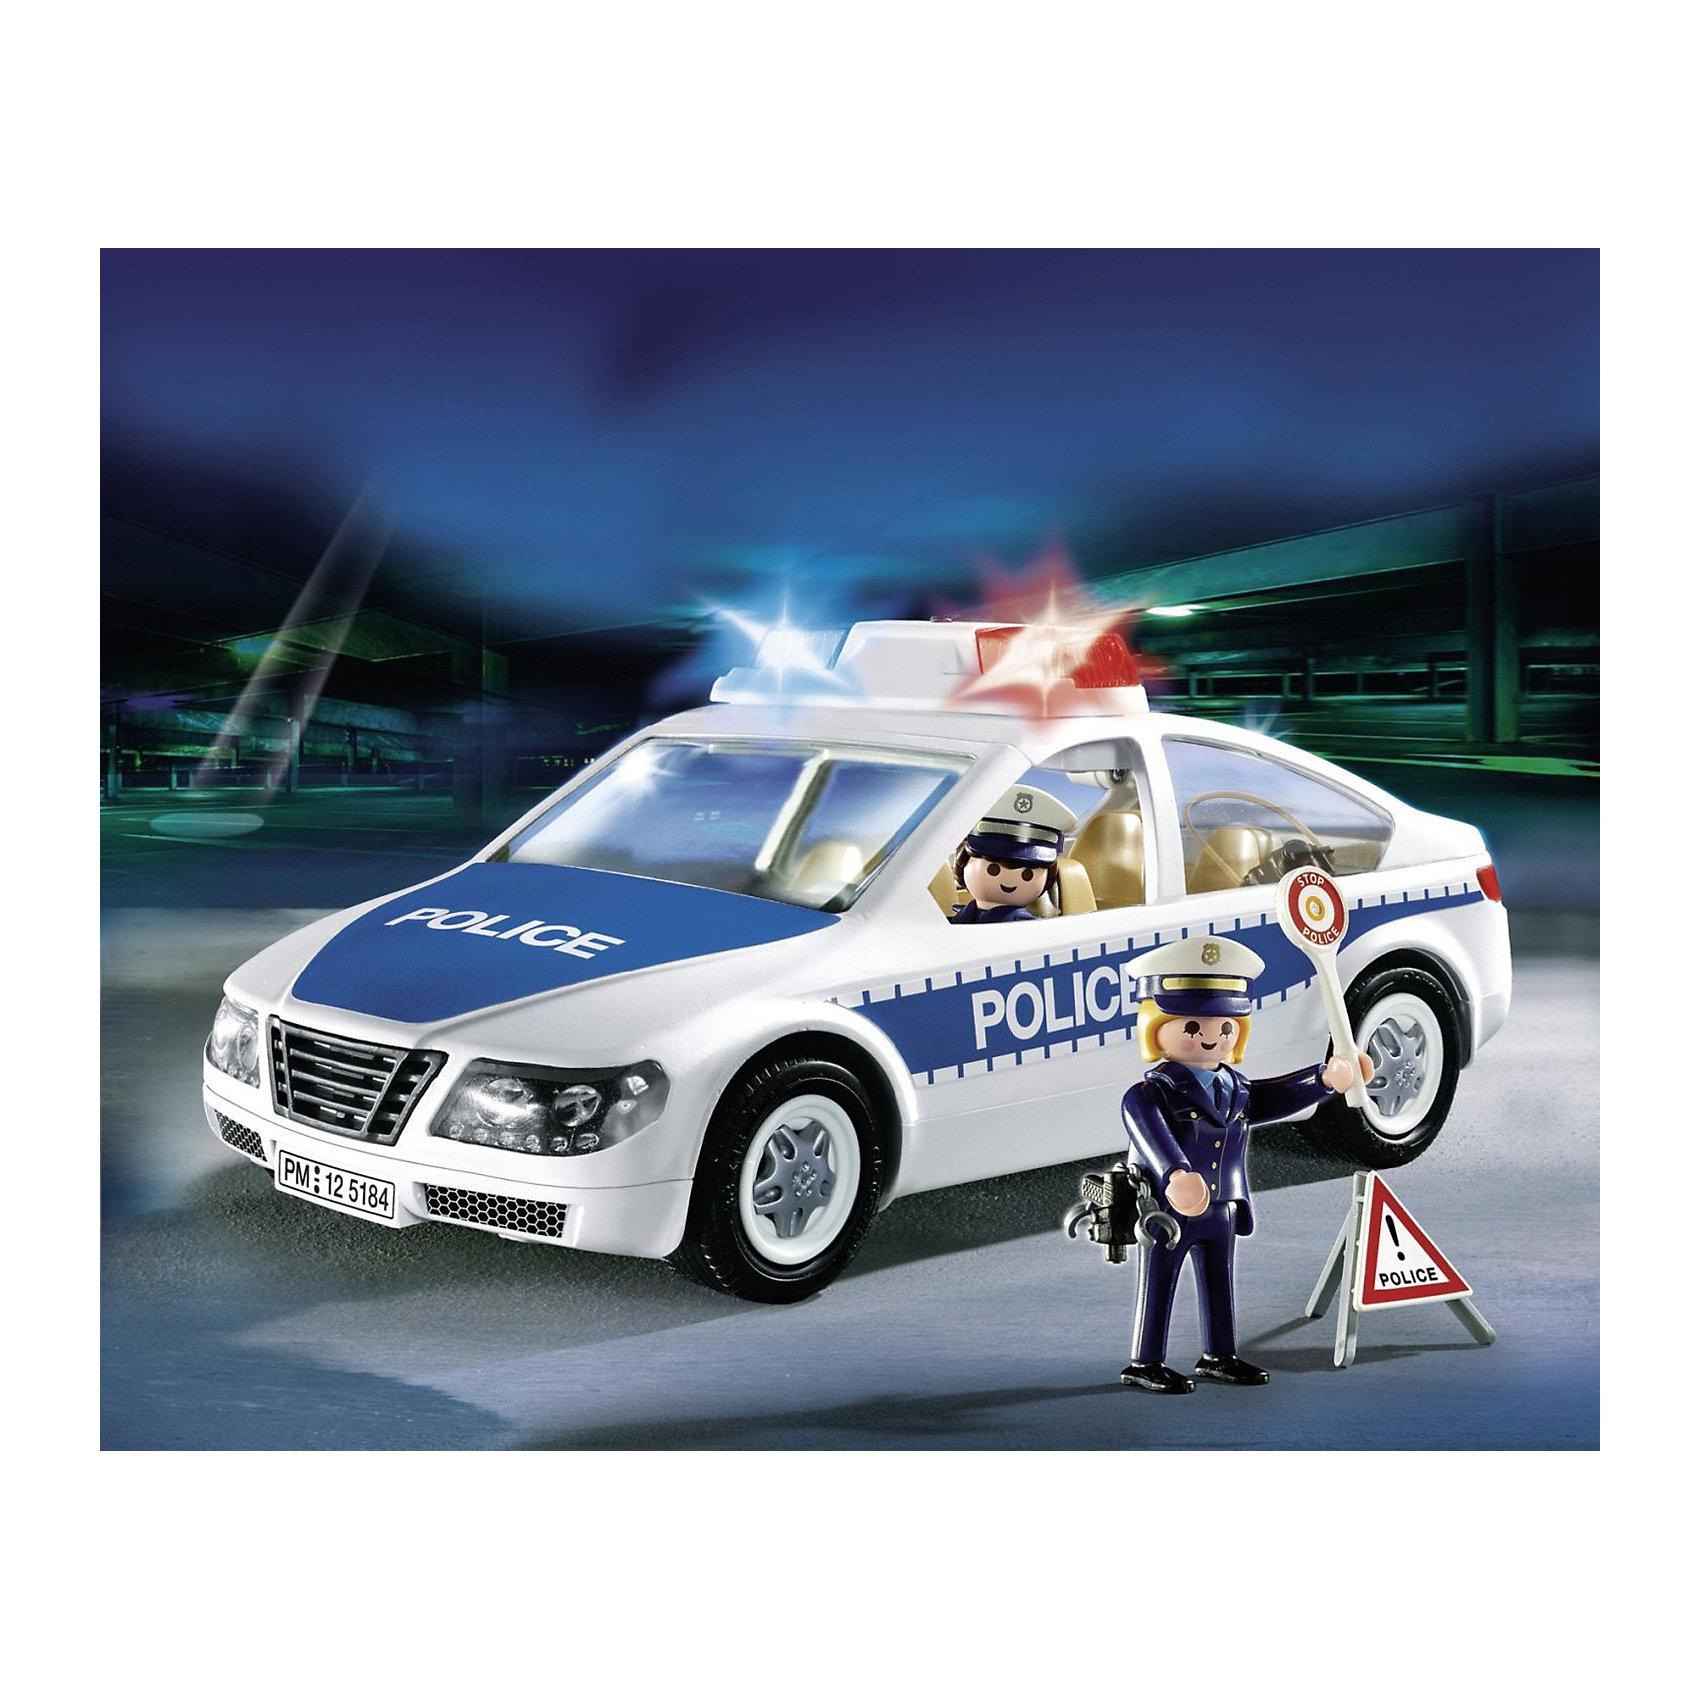 Полиция: Полицейская машина, PLAYMOBILПолиция: Полицейская машина, PLAYMOBIL (Плеймобиль).<br><br>Характеристики:<br><br>• В комплекте: полицейская машина, 2 фигурки полицейских.<br>• Размер упаковки: 47х 6.5 х 37.5 см.<br>• Цвет: белый, темно - синий.<br>• Вес: 580 г.<br>• Материал: пластик.<br><br>Отличный полицейский автомобиль для вашего мальчика от бренда PLAYMOBIL (Плеймобиль). Эта полицейская машина  - конструктор, который ребенок должен сам собрать.  Он легко собирается по наглядным иллюстрациям. Всего 35 деталей.  В этой машинке предусмотрены проблесковые маячки и сирена. В комплекте так же фигурки полицейских, оружие, наручники и другие аксессуары. Высота человечка имеет 7,5 см.  У него двигаются ручки, голова, может наклоняться. Подарите своему юному стражу порядка такой набор!<br><br>Полиция: Полицейскую машину, PLAYMOBIL (Плеймобиль), можно купить в нашем интернет- магазине.<br><br>Ширина мм: 300<br>Глубина мм: 200<br>Высота мм: 100<br>Вес г: 579<br>Возраст от месяцев: 48<br>Возраст до месяцев: 2147483647<br>Пол: Мужской<br>Возраст: Детский<br>SKU: 5195407